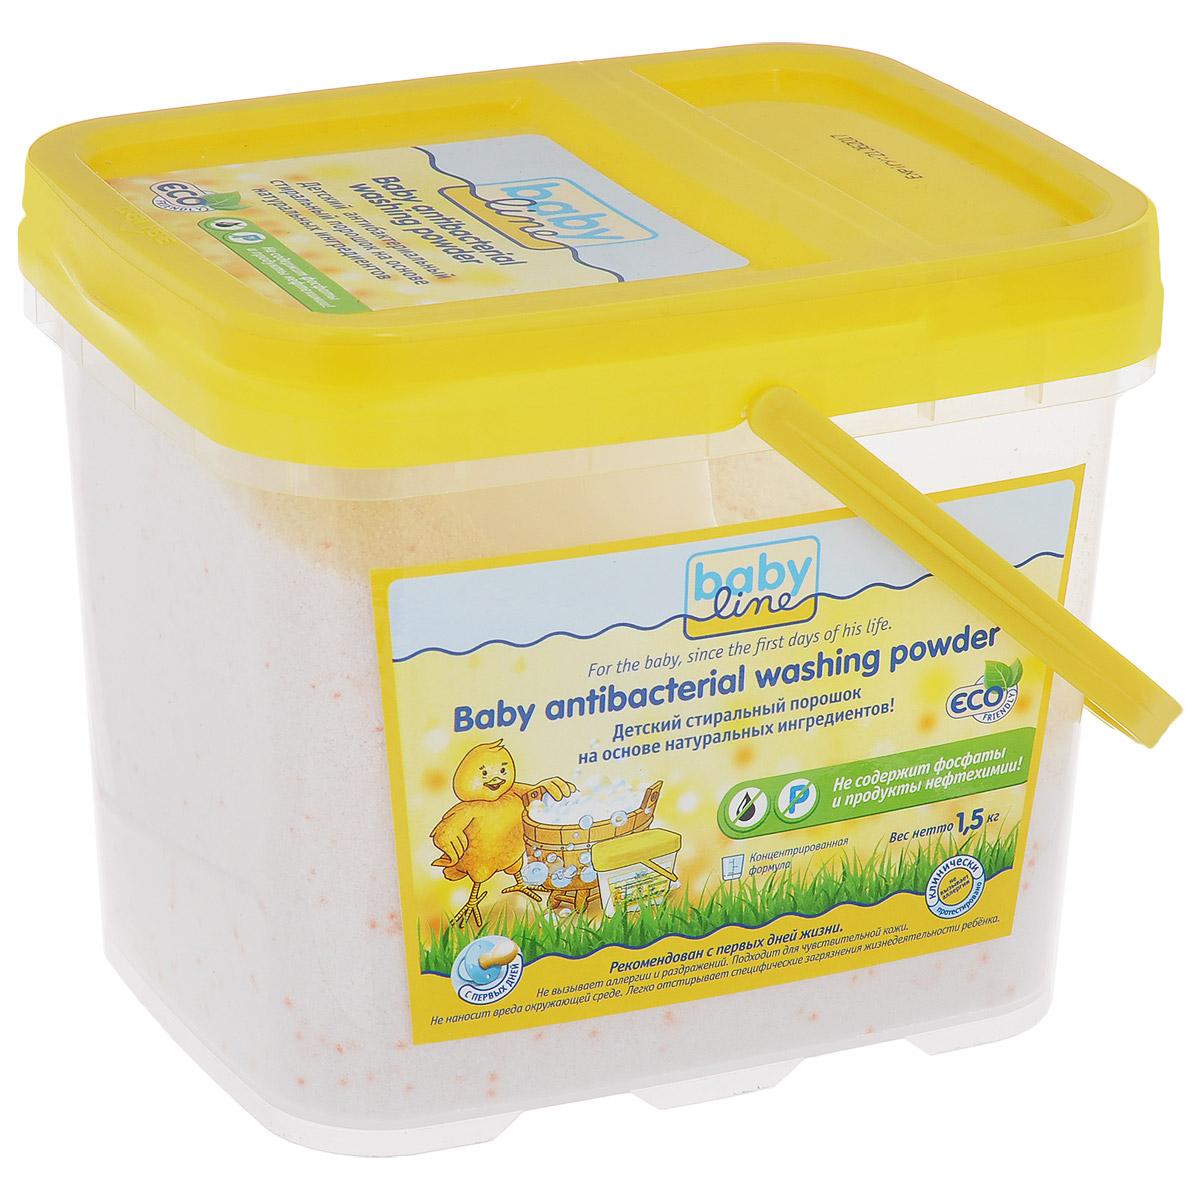 Babyline Стиральный порошок, детский, на основе натуральных ингридиентов, 1,5 кг стиральный порошок без фосфатов концентрат feedback 4 5 кг